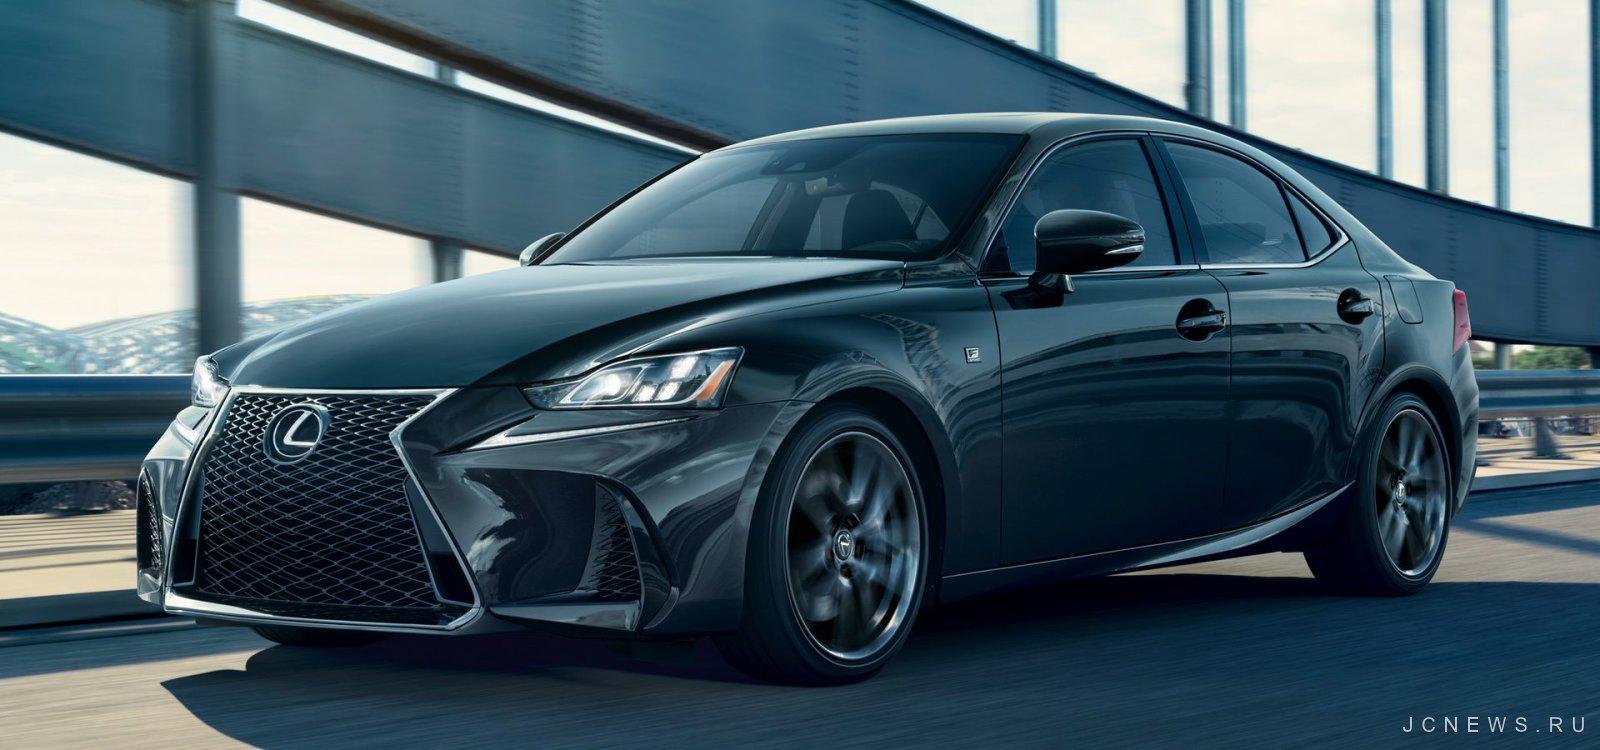 Toyota и Lexus отзывают 80 000 автомобилей из-за риска пожара